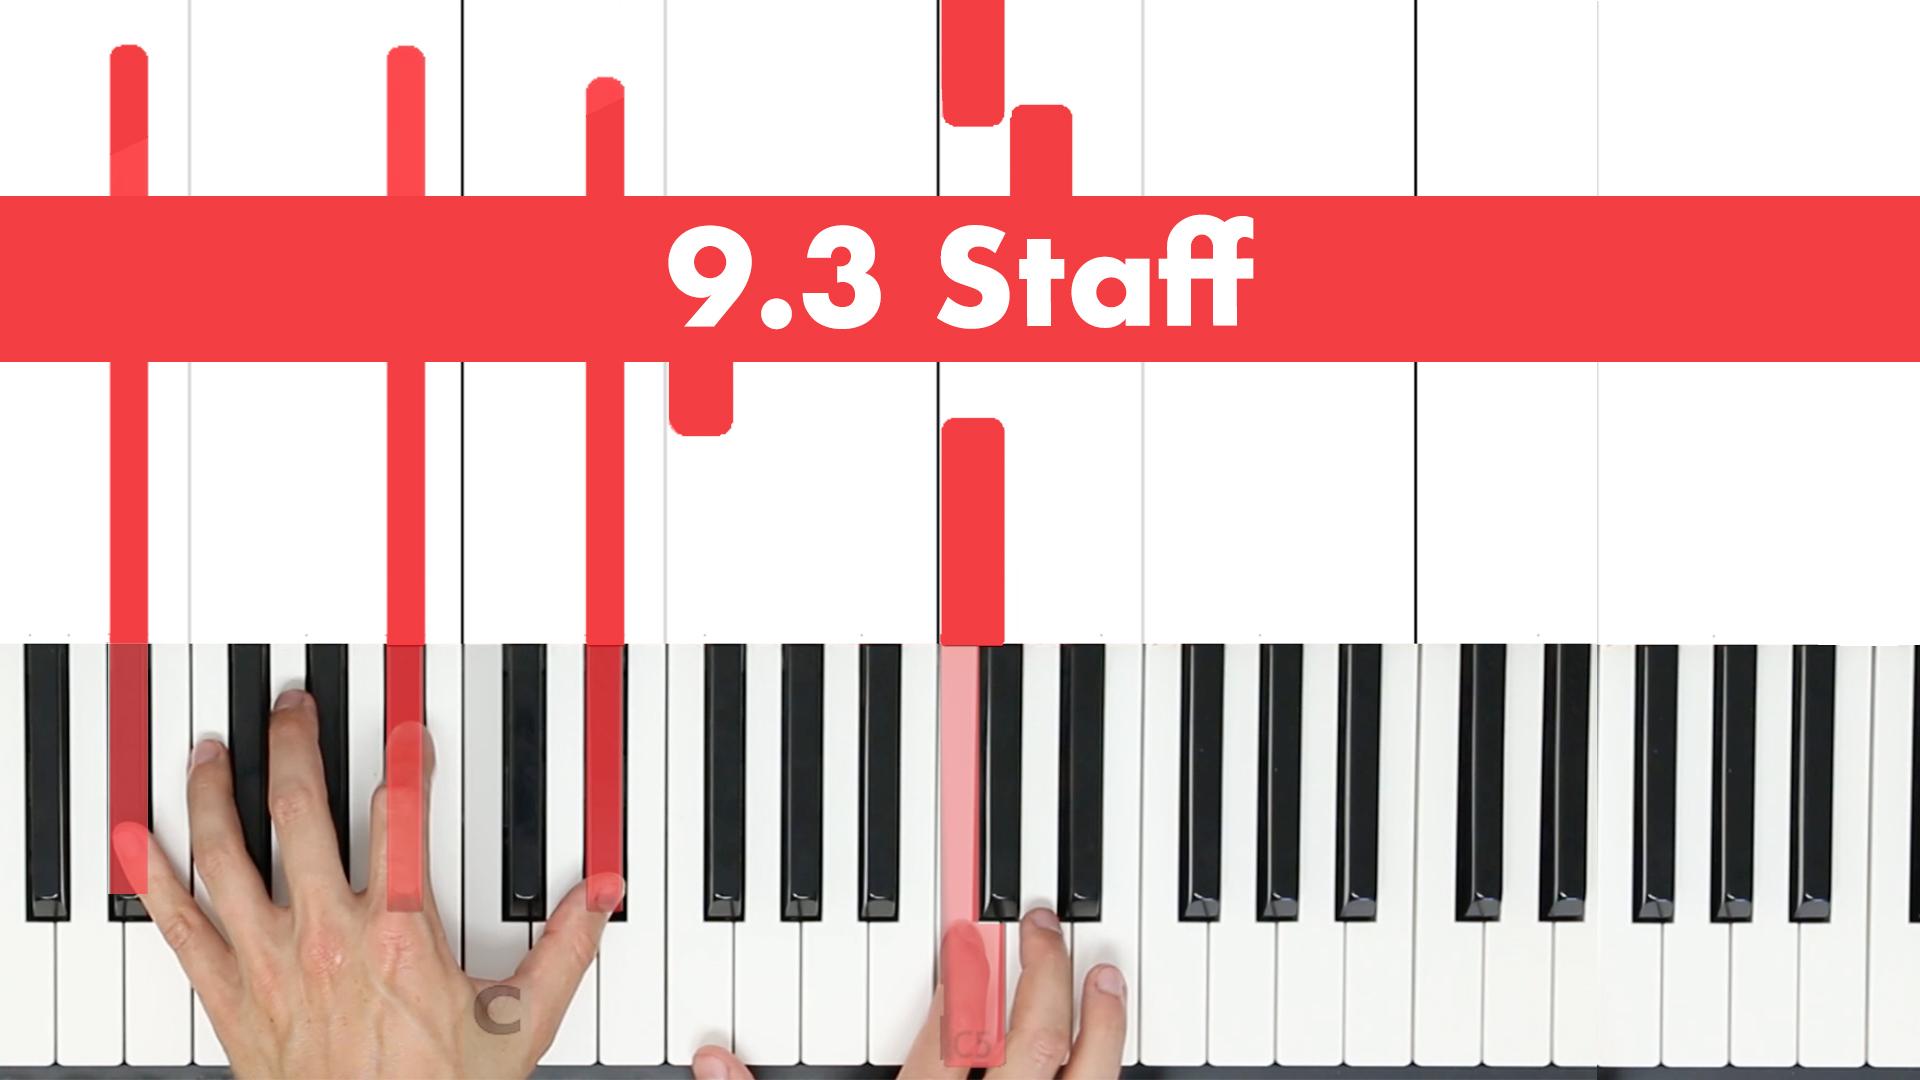 9.3 Staff